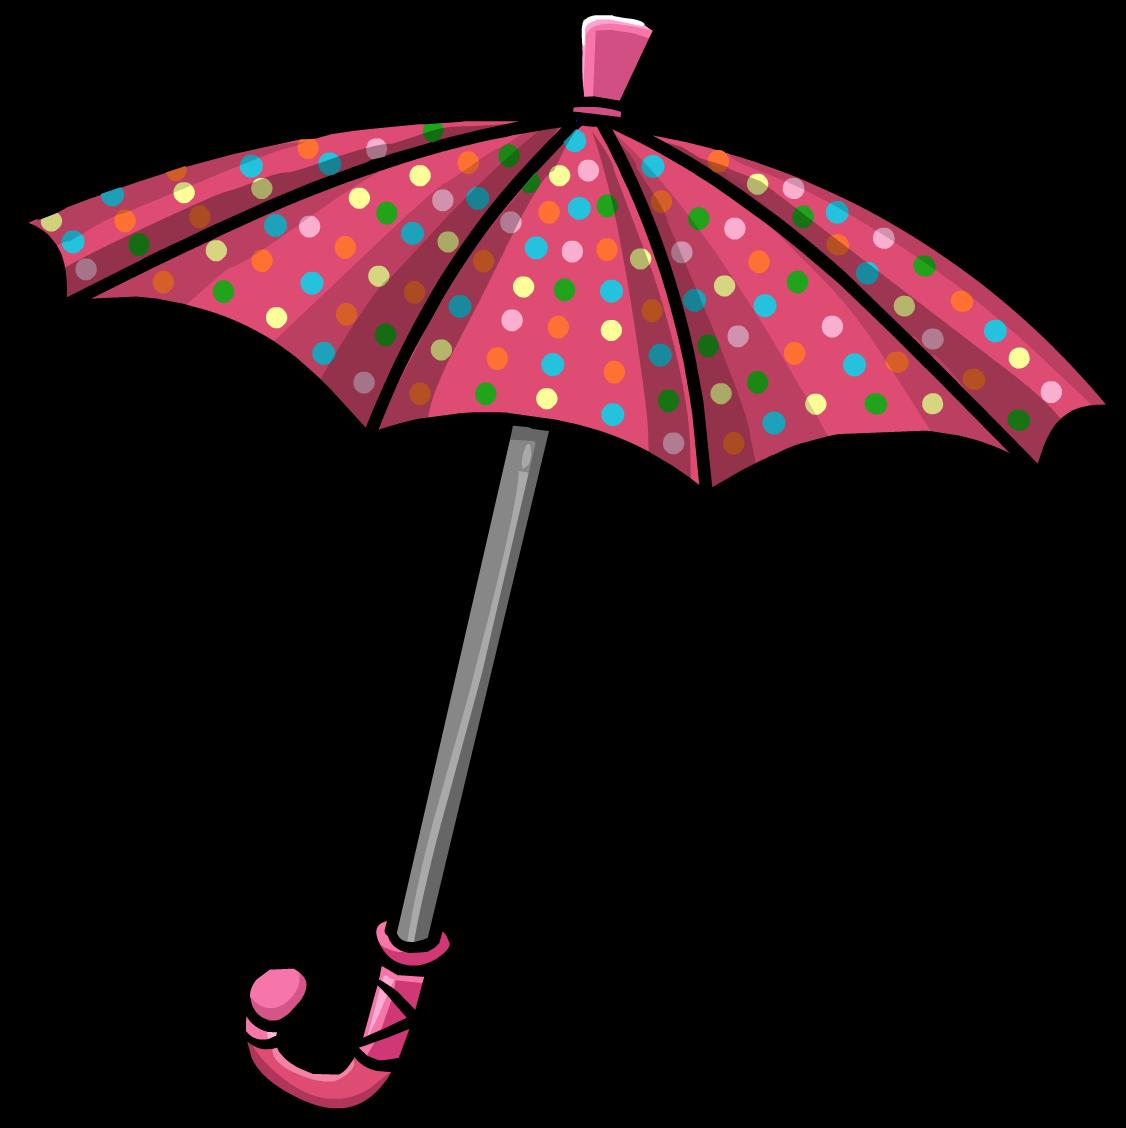 Clipart umbrella striped umbrella. Polka dot club penguin